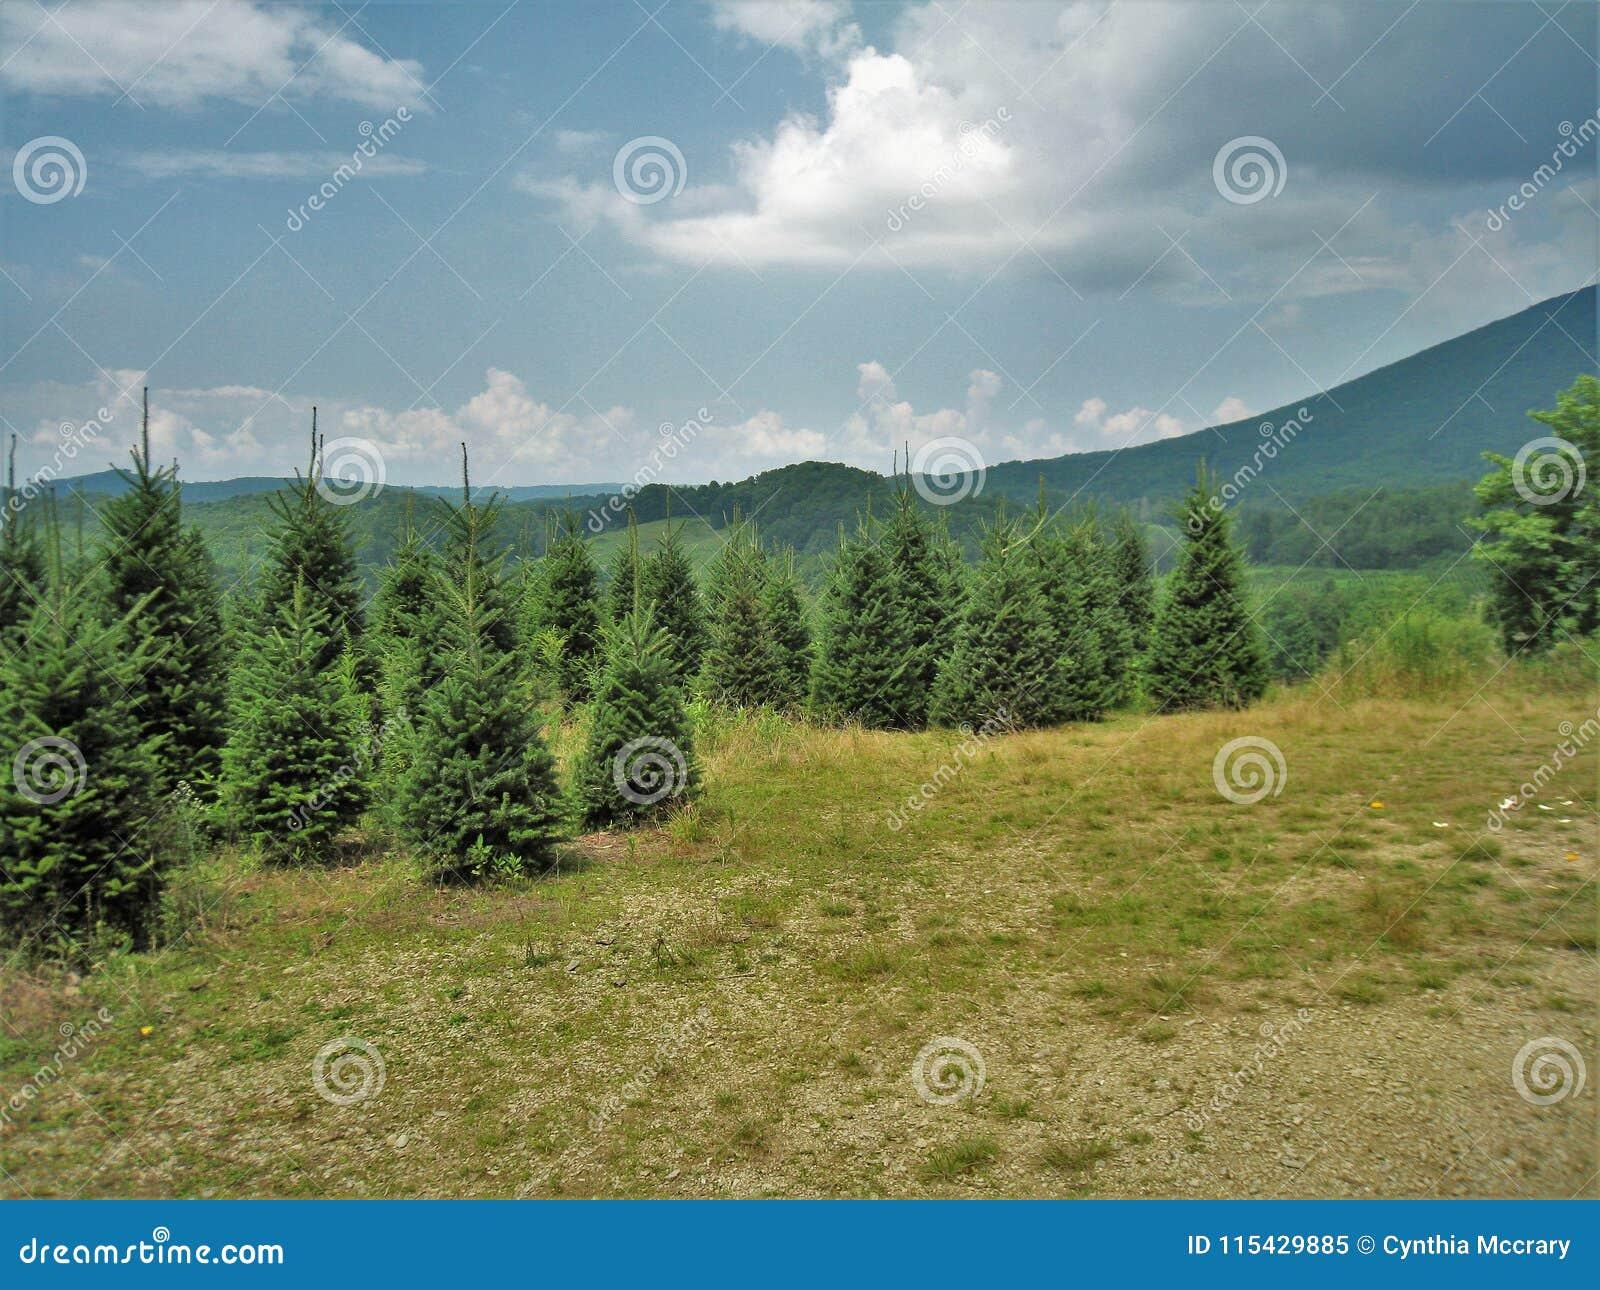 North Carolina Christmas Tree Farm Stock Image Image Of Landscape